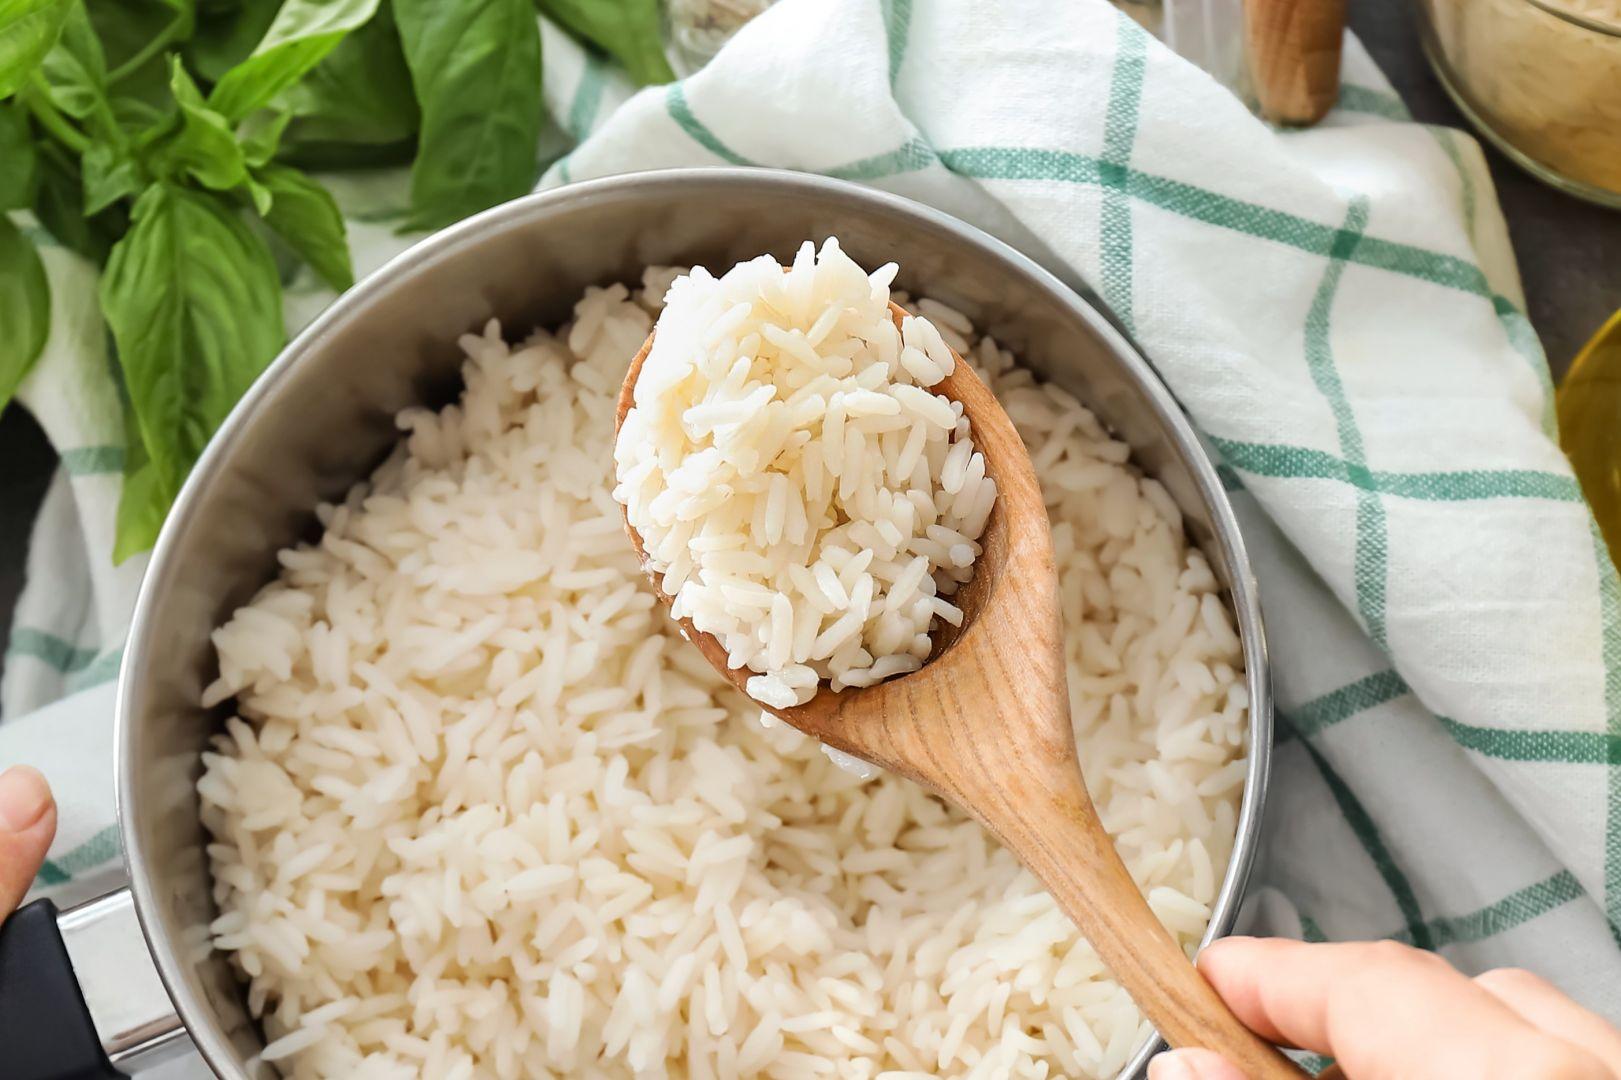 olla con arroz cocido